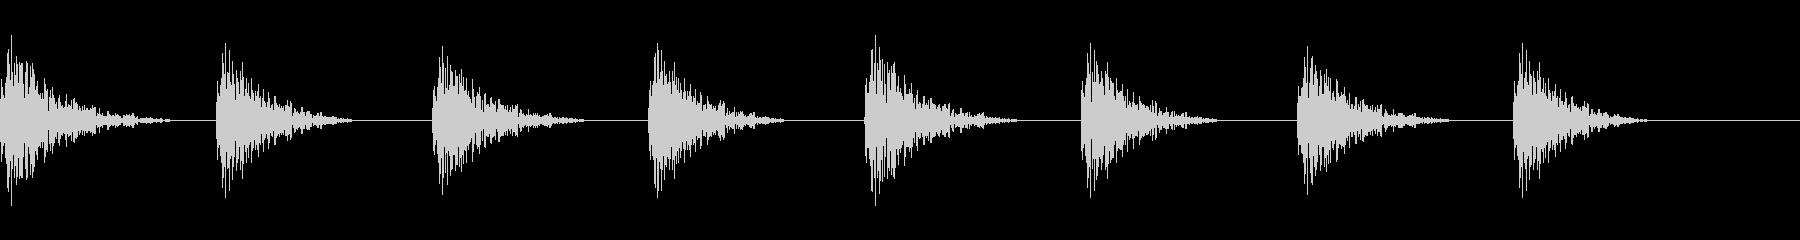 どすん(巨人、歩く、足音)A11の未再生の波形